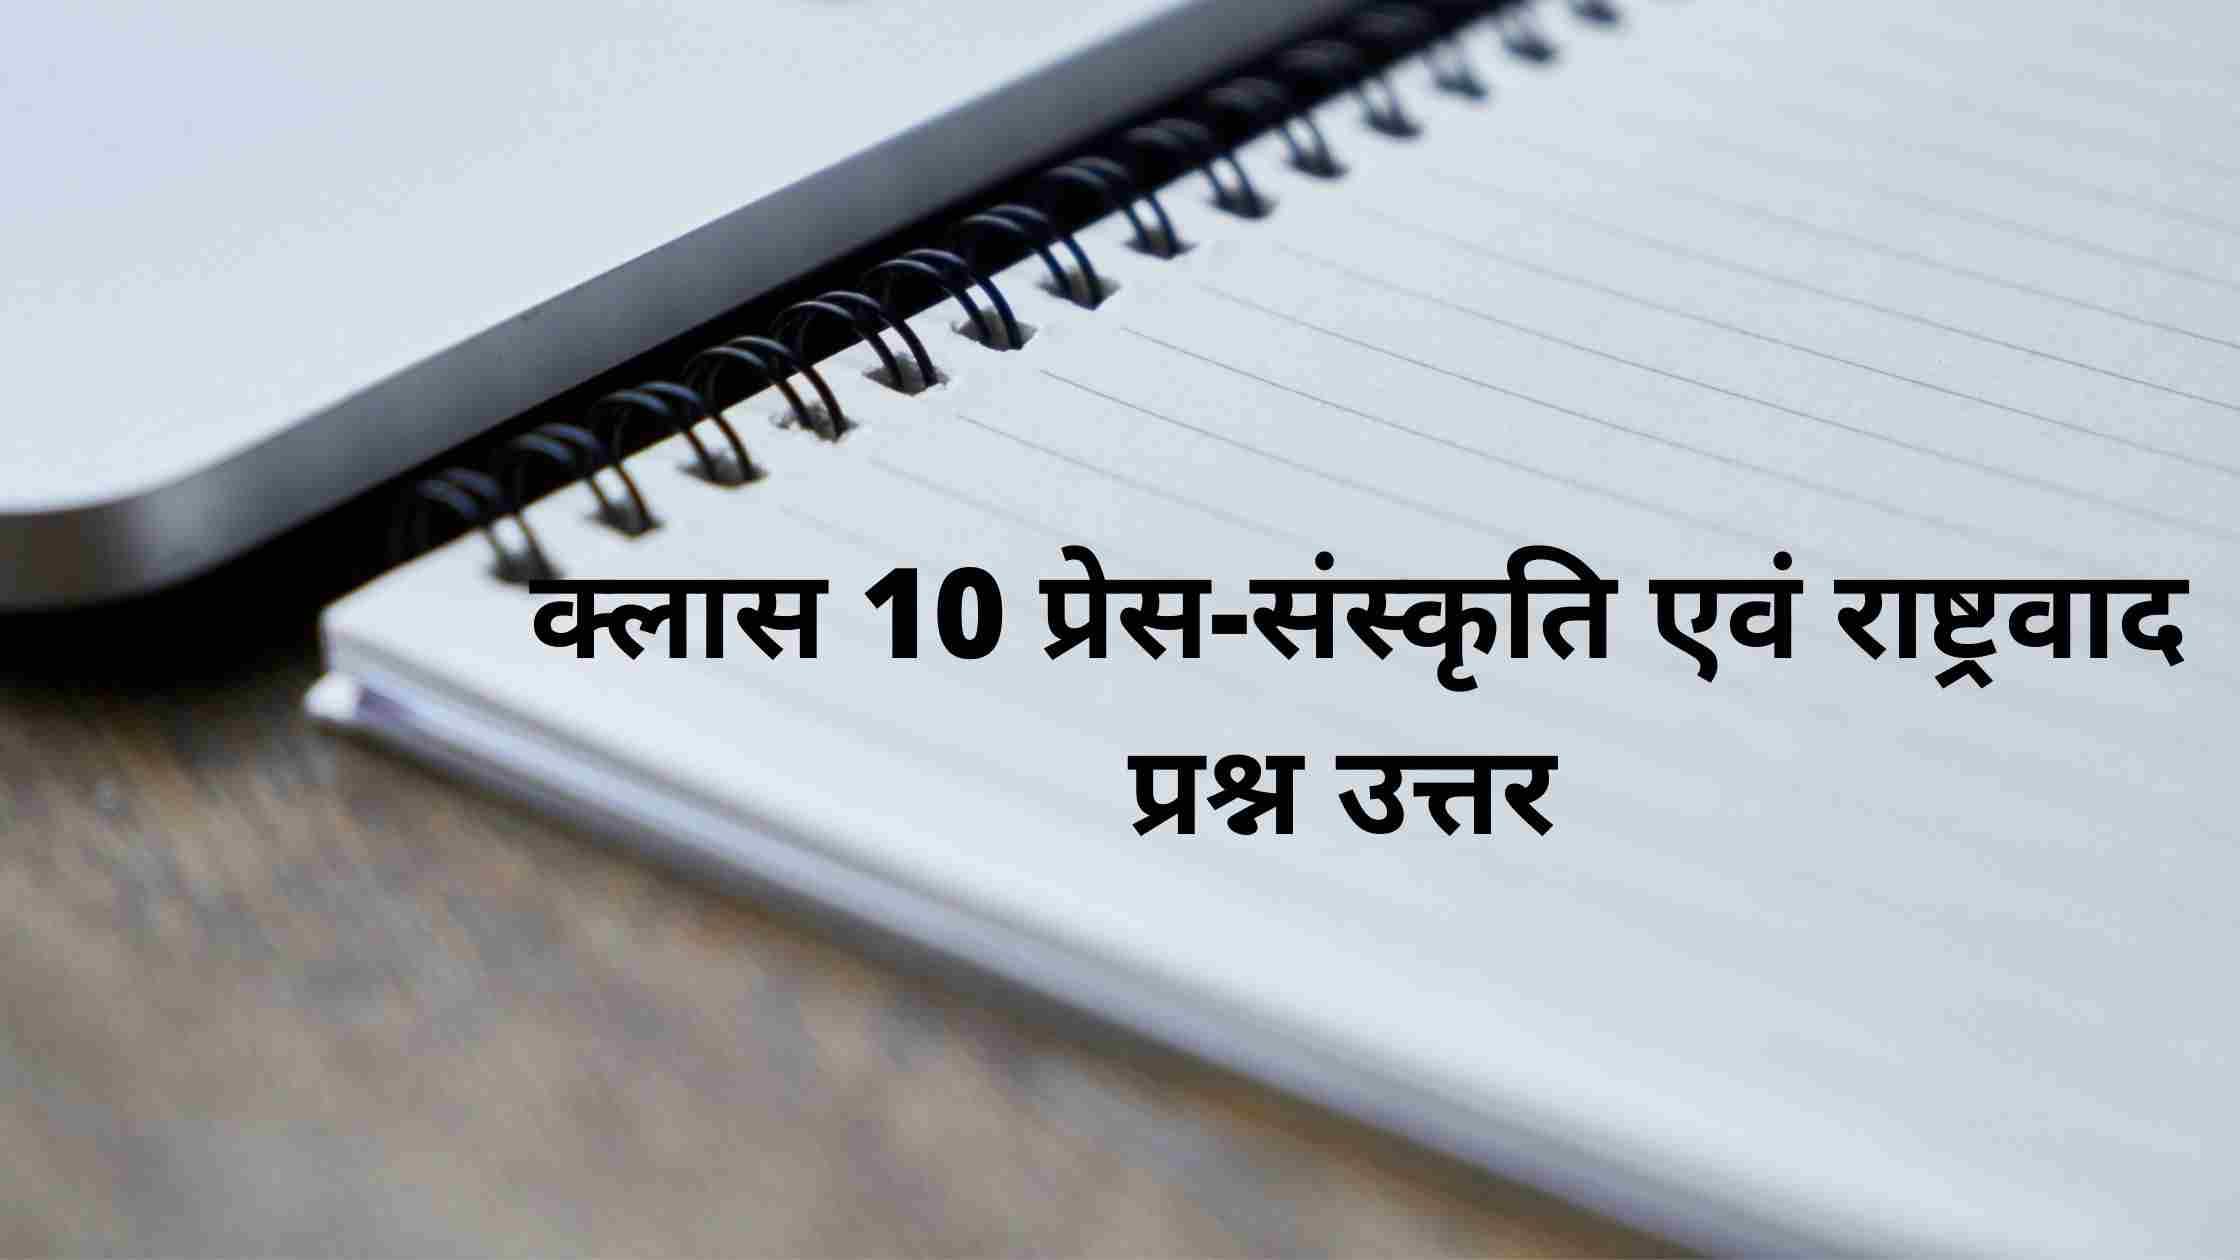 presh sanskriti evam rastra prashn